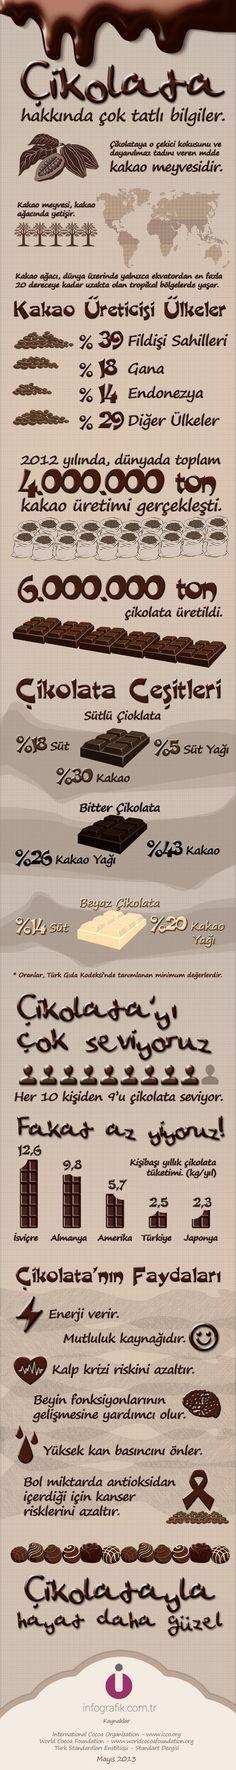 Çikolata Hakkında Çok Tatlı Bilgiler #çikolata #infografik